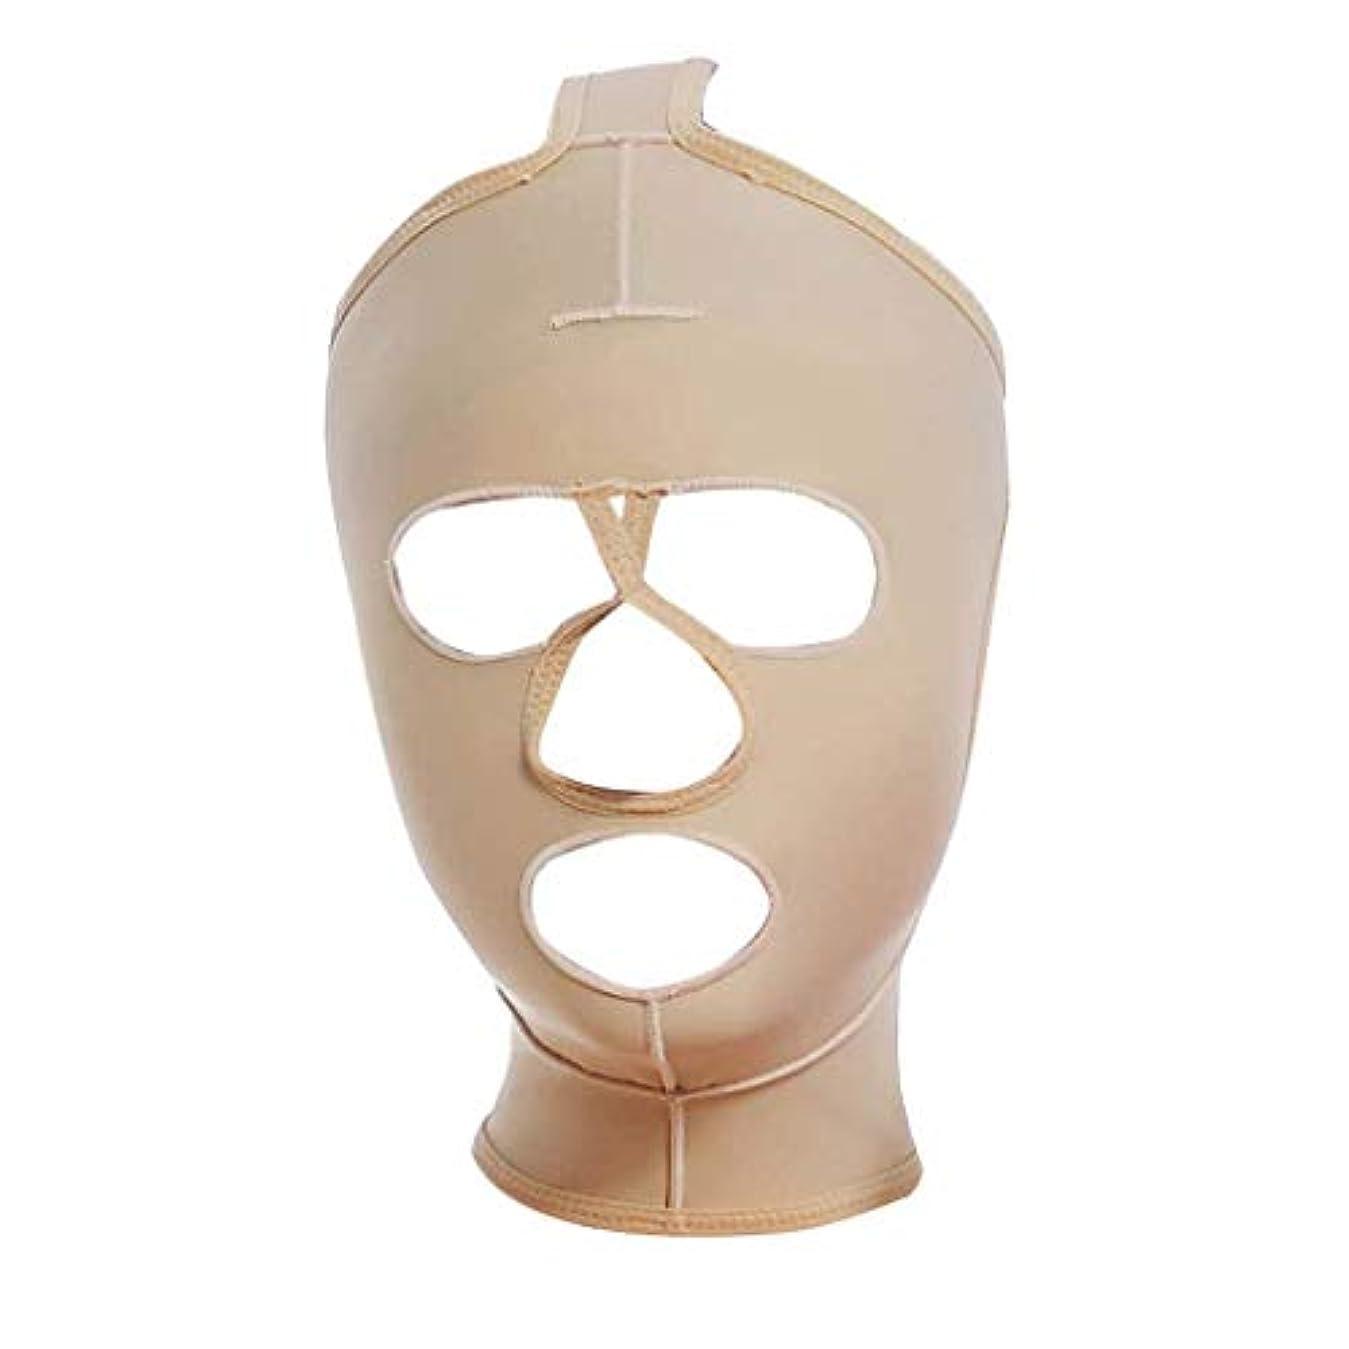 トランザクション不信通知するフェイスアンドネックリフト、減量フェイスマスク脂肪吸引術脂肪吸引術シェーピングマスクフードフェイスリフティングアーティファクトVフェイスビームフェイス弾性スリーブ(サイズ:S)